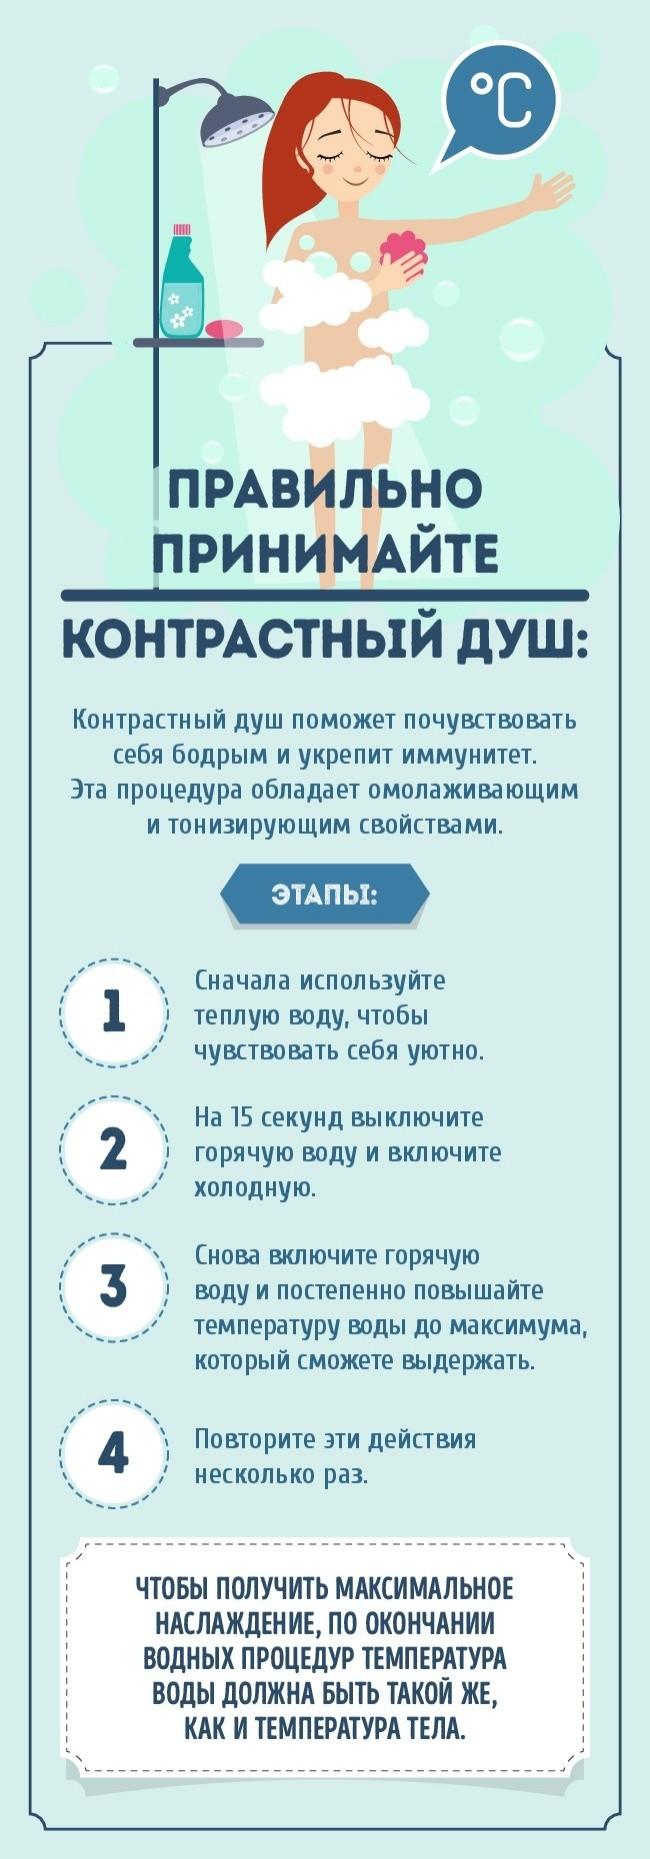 какое время принимать статины